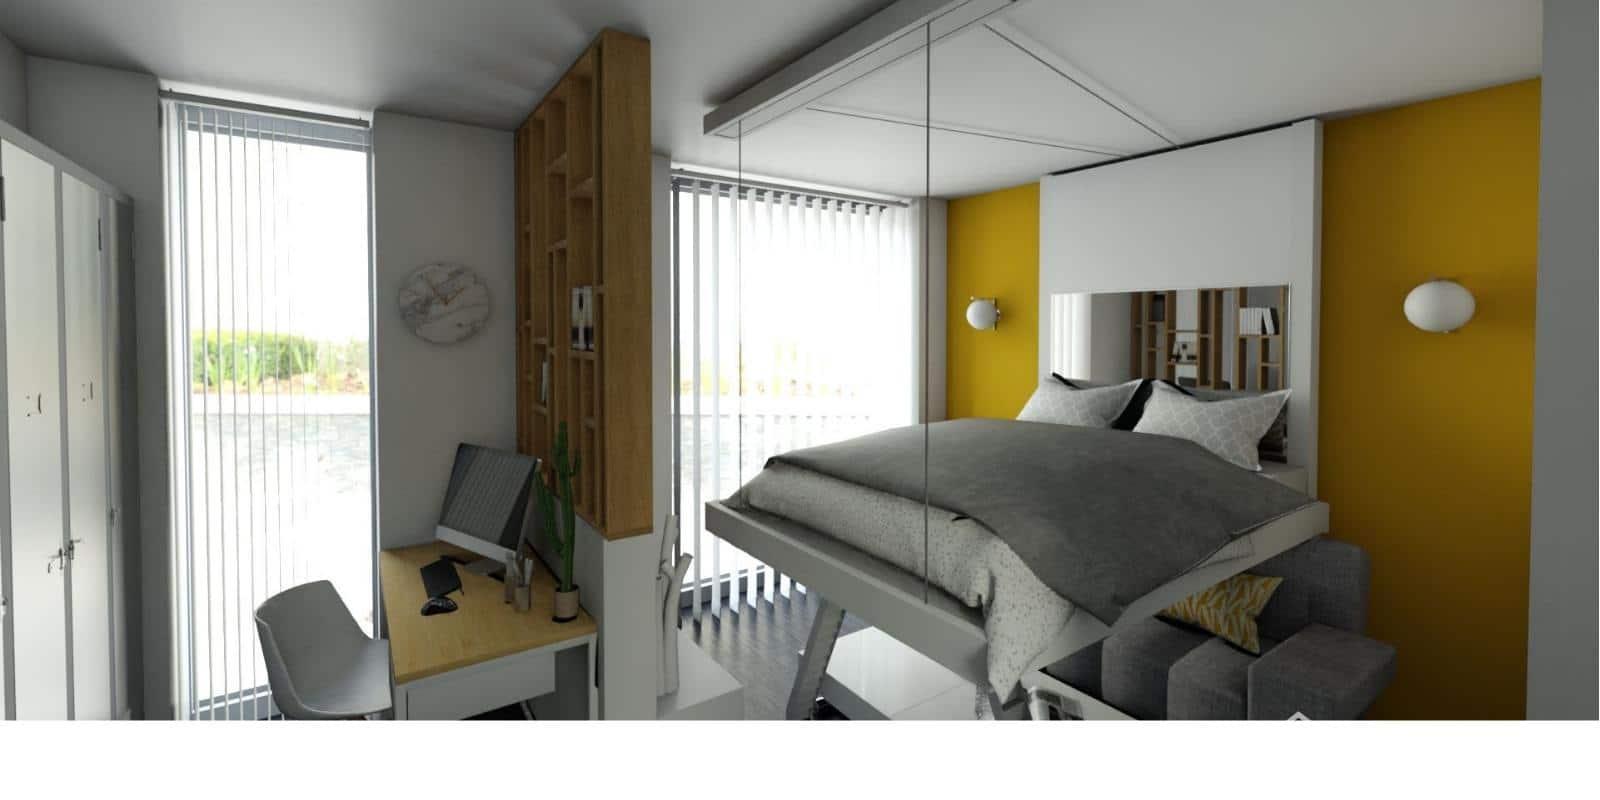 Relooking d'appartement : aménagement malin avec lit au plafond. lit relevable bedup gain de place création française